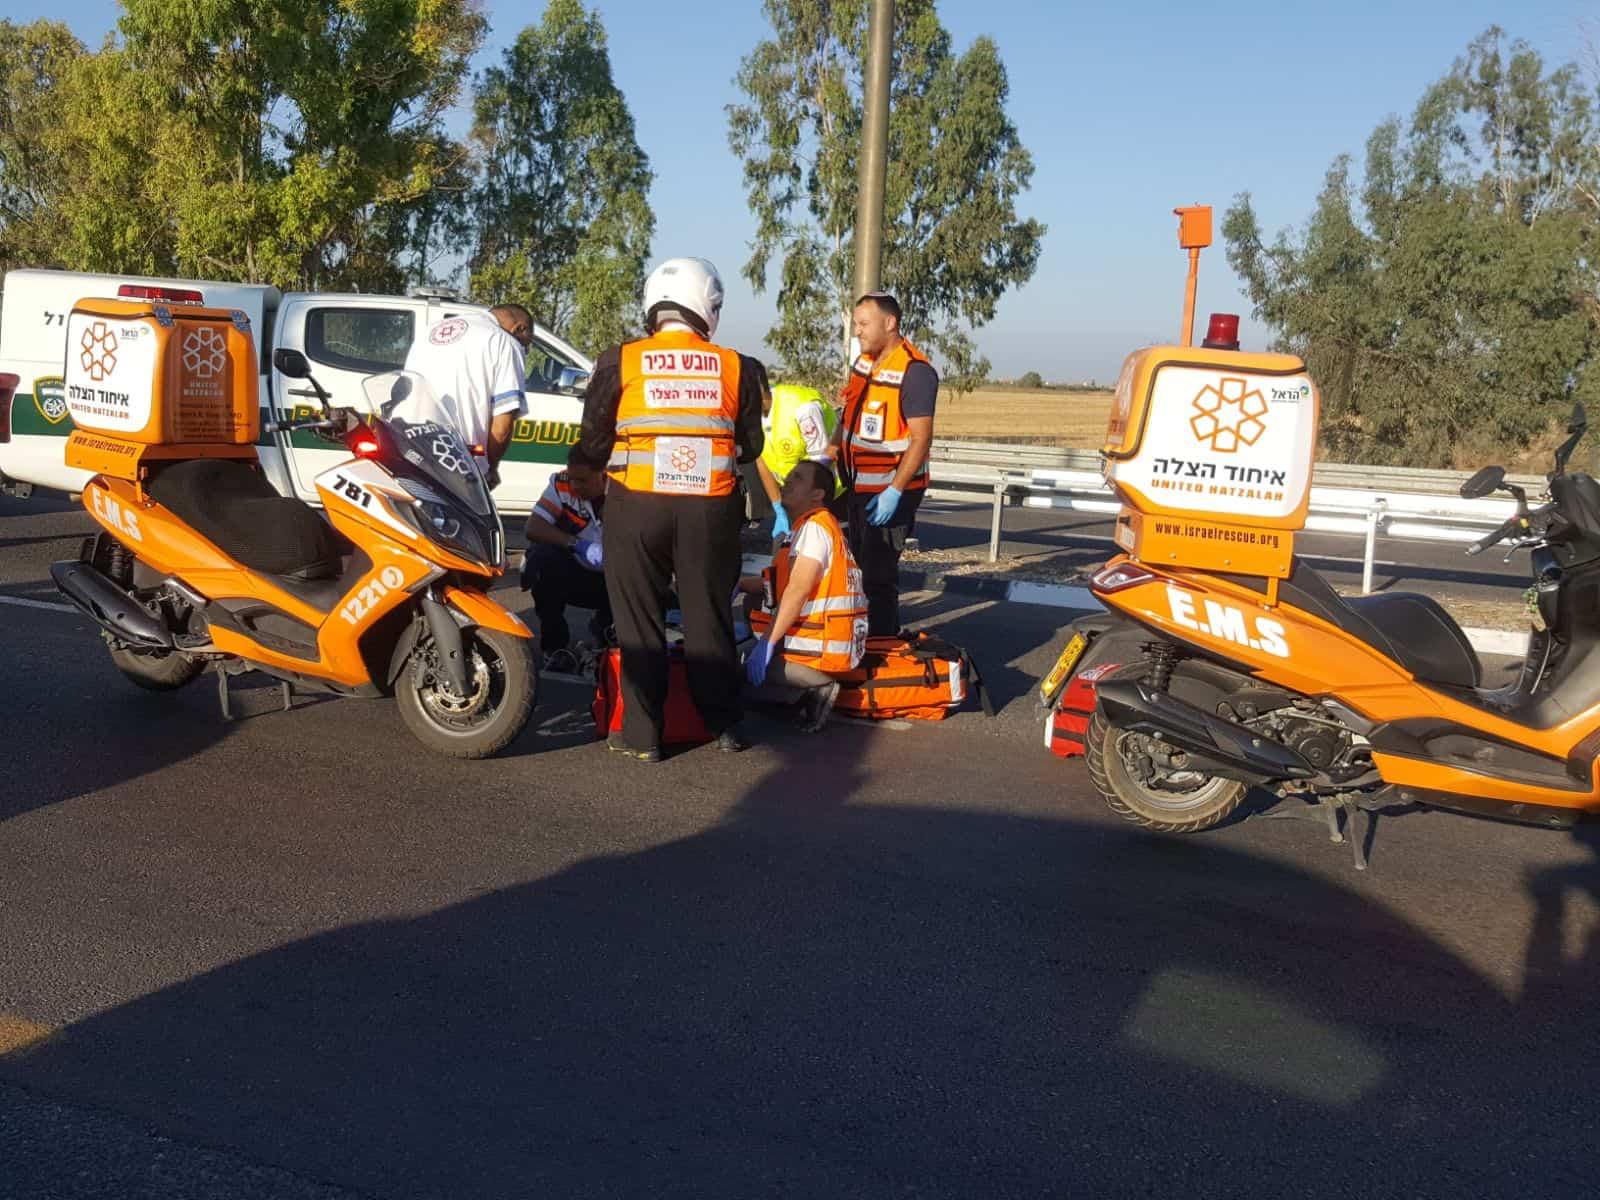 מתנדבי איחוד הצלה בפעולה, צילום: באדיבות דוברות איחוד הצלה